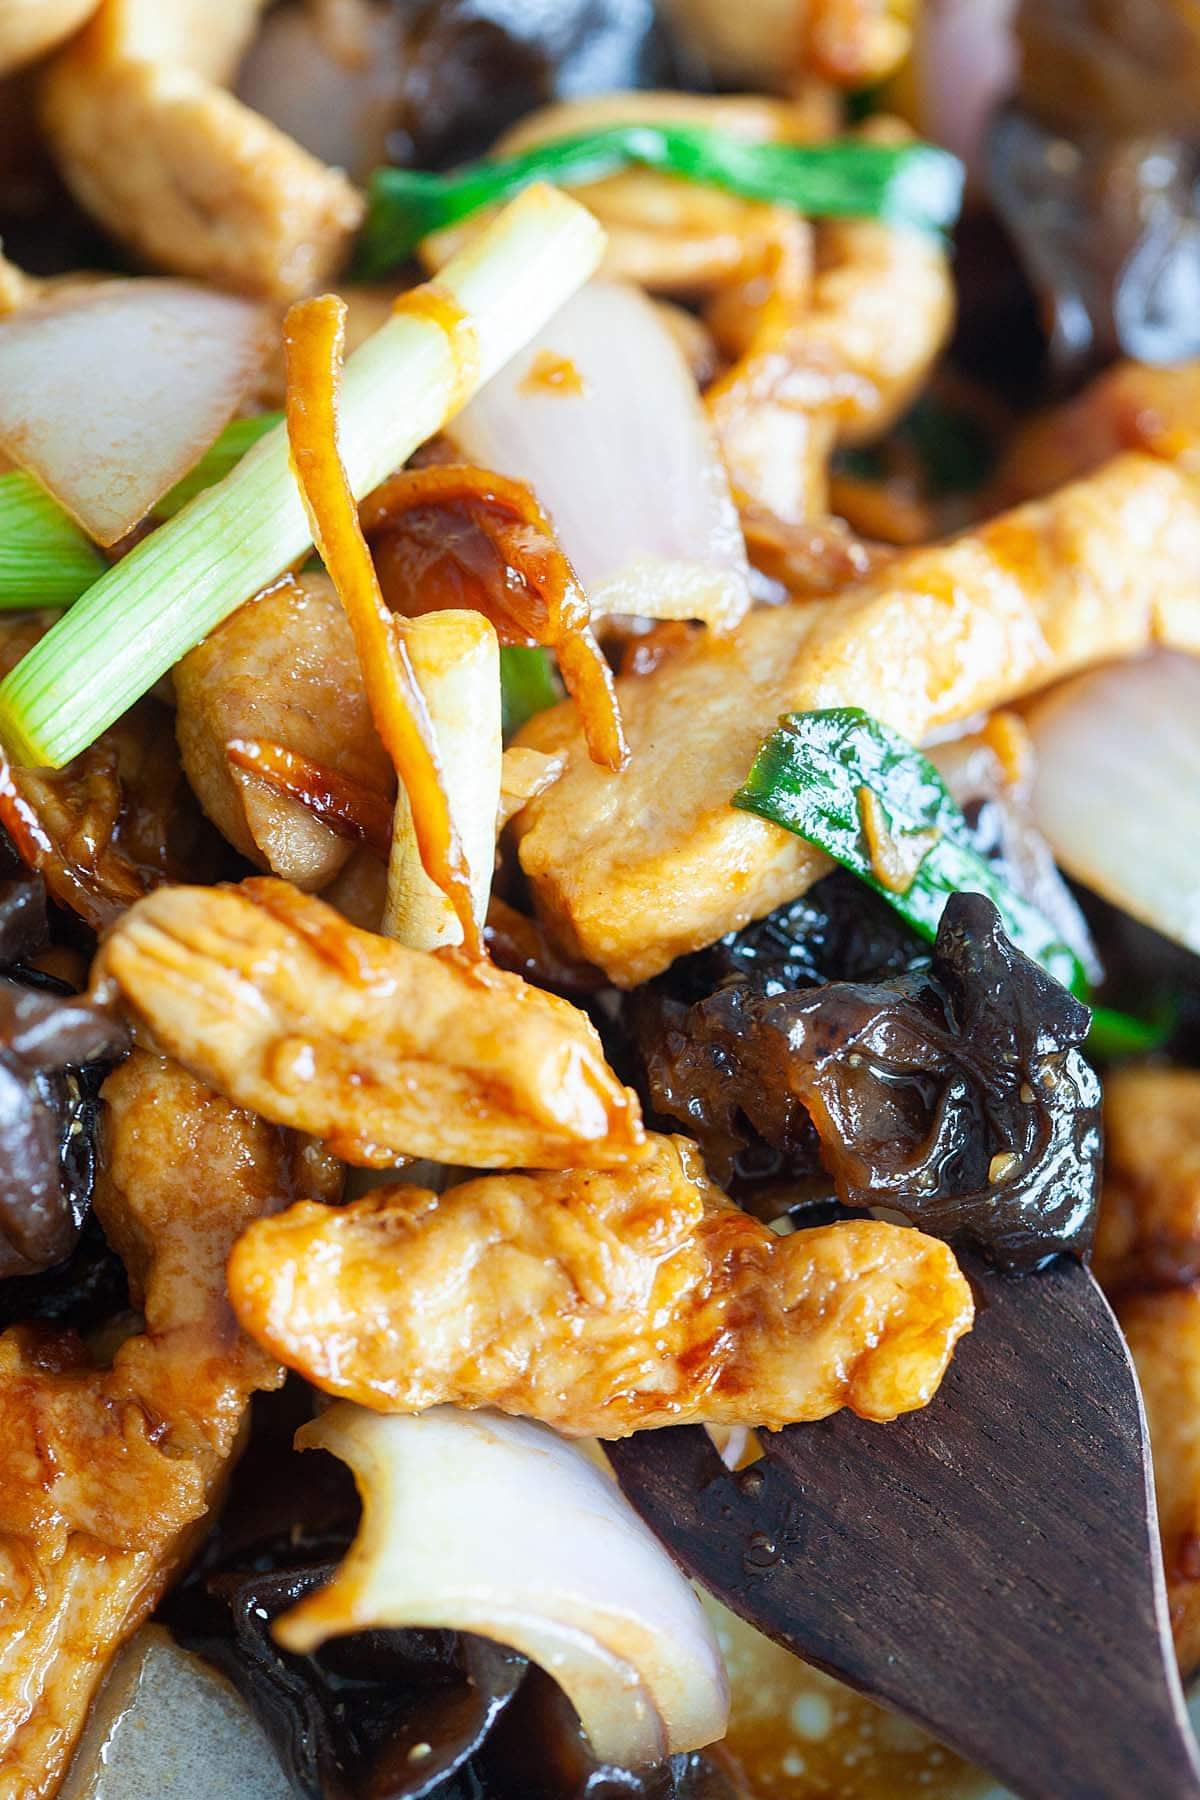 faire sauter le poulet avec le champignon noir et le gingembre, prêt à servir.